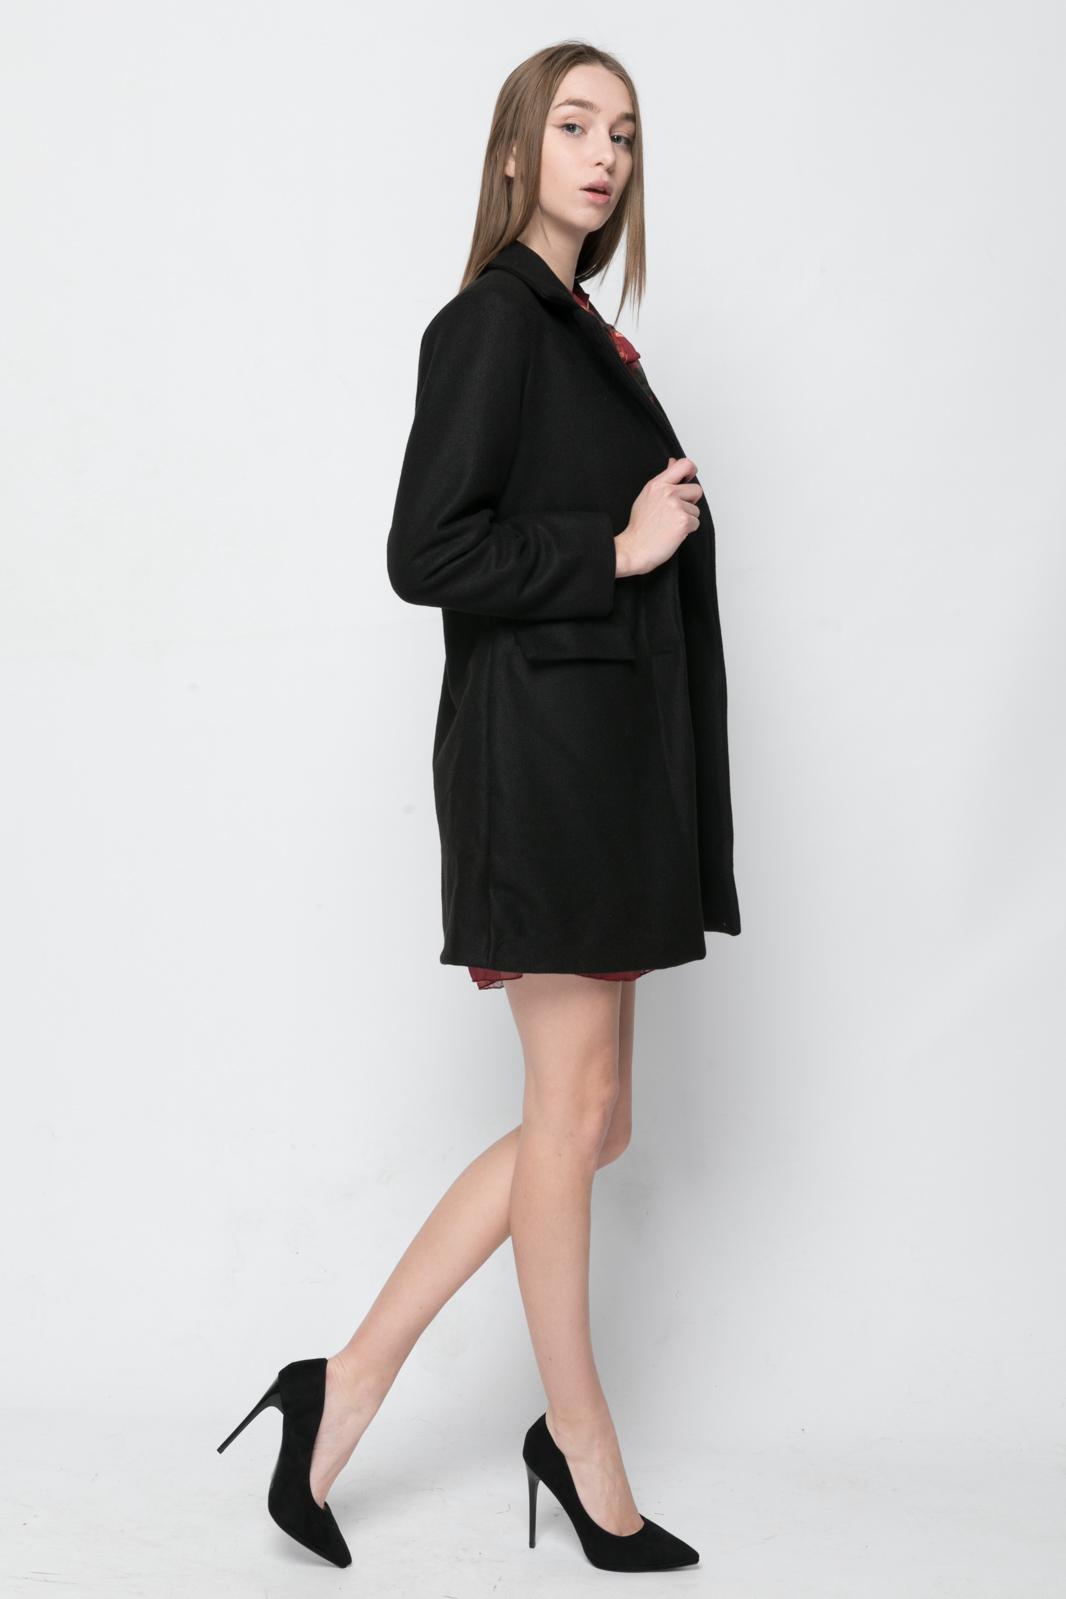 Γυναικείο Παλτό - Μαύρο